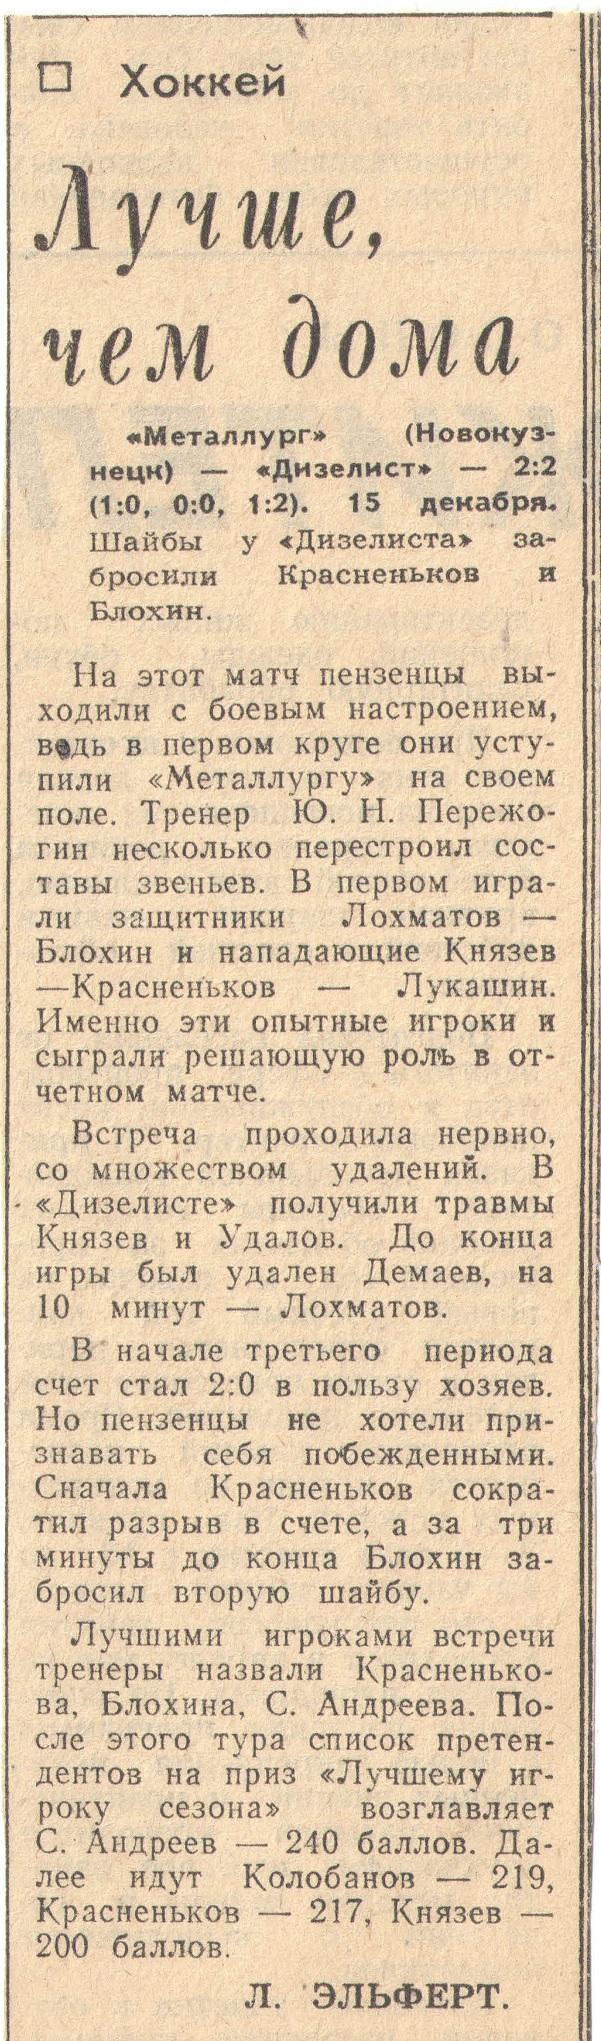 1984-12-15.jpg